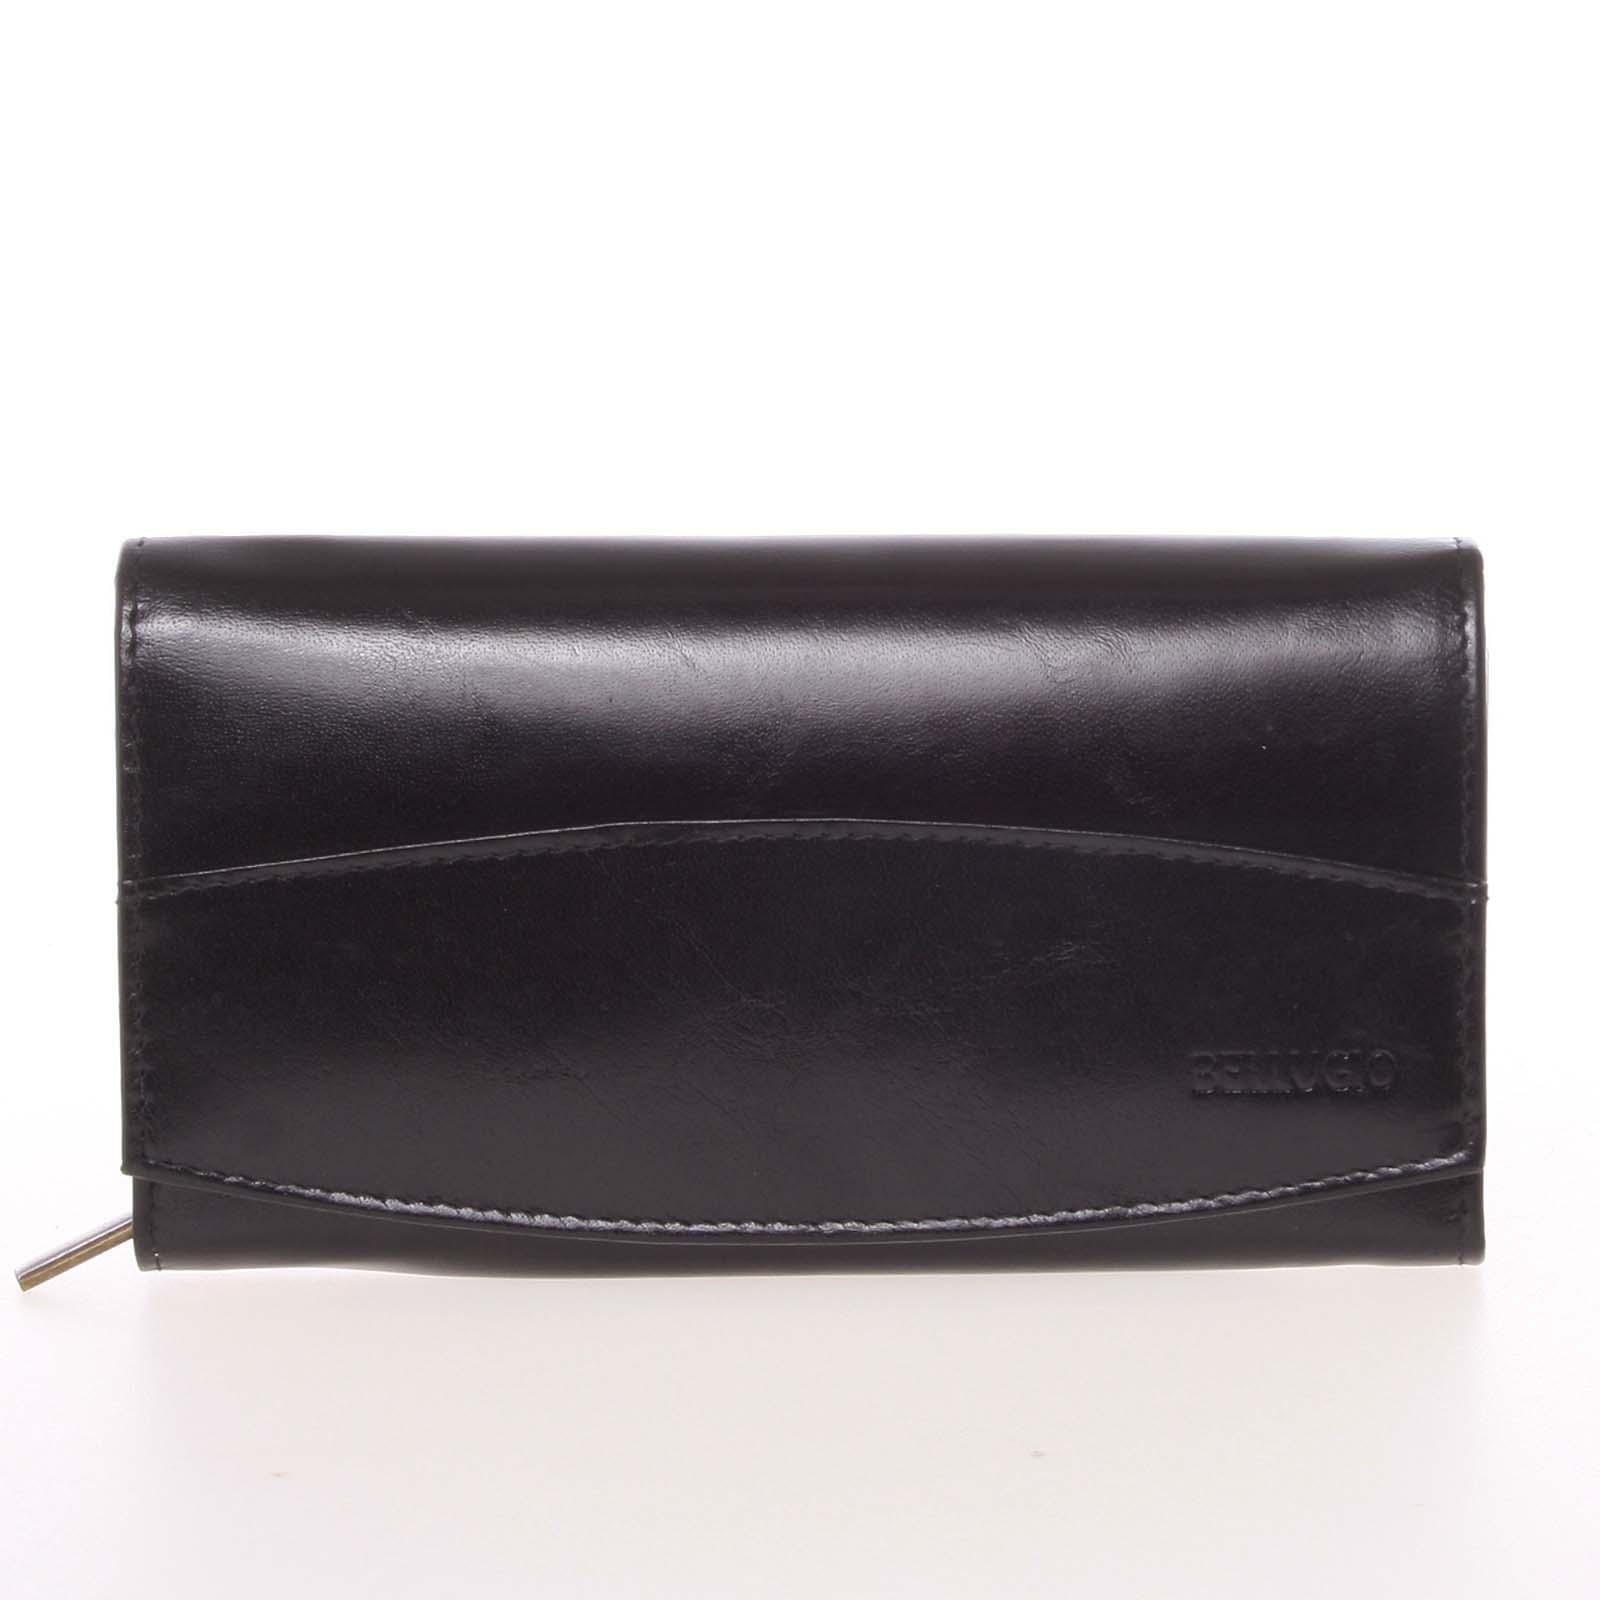 Veľká elegantná kožená peňaženka čierna - Bellugio Olimpia